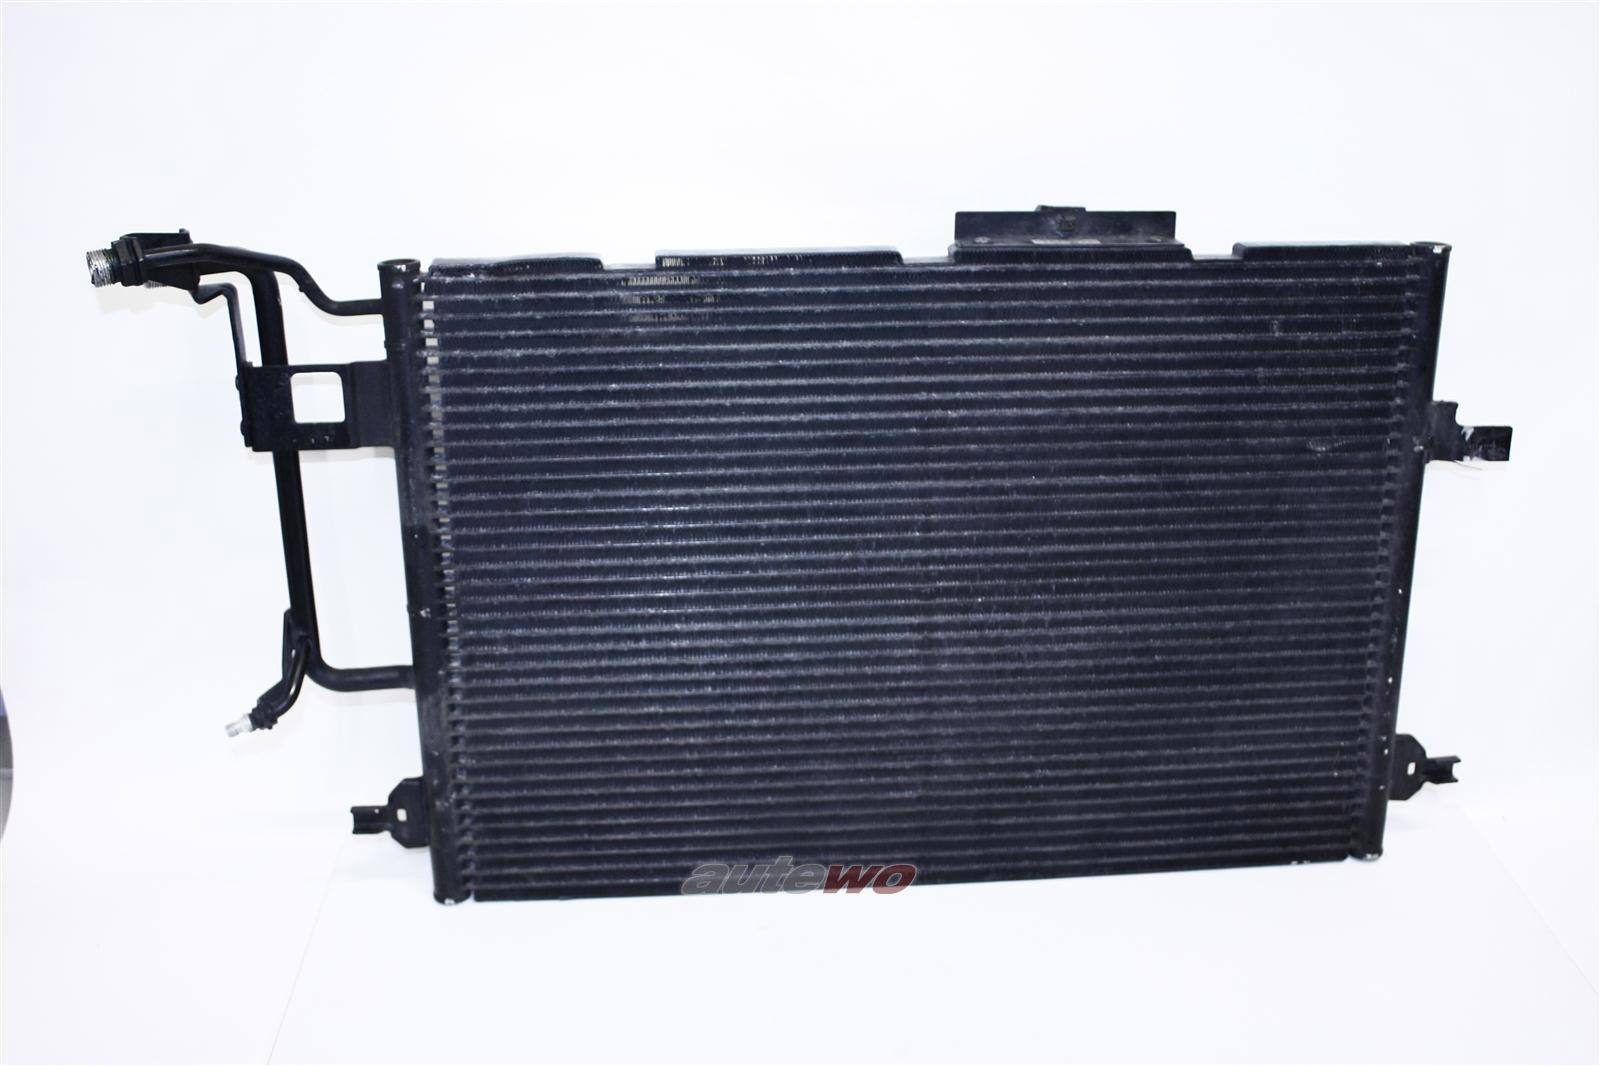 Audi A6 4B 2.5l TDI Kältemittel-/Klima-Kondensator 4B0260403AA 4B0260401D